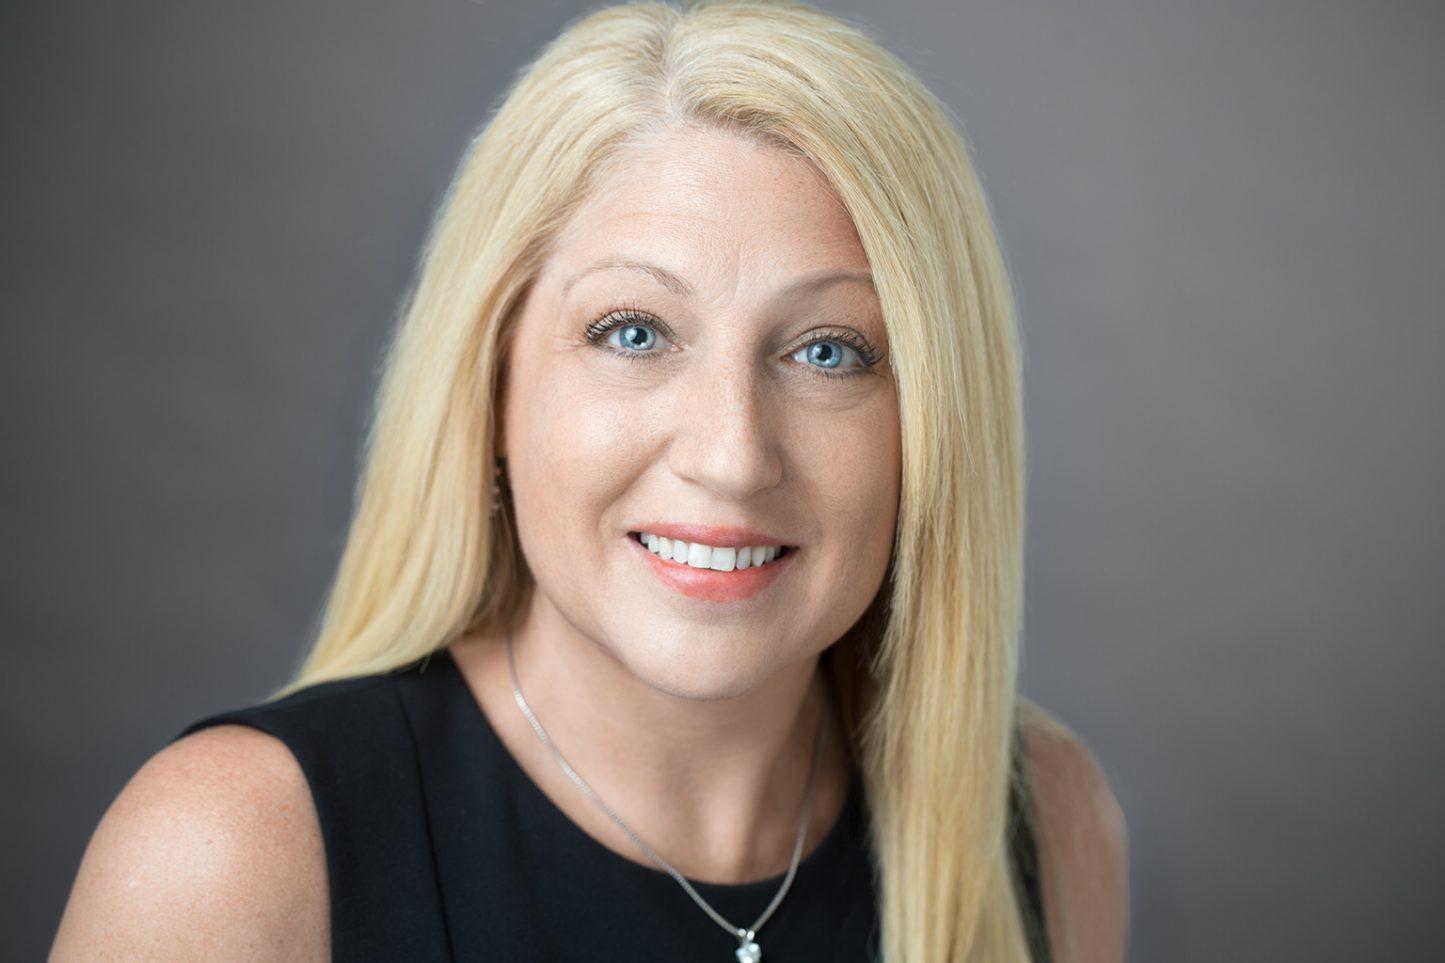 Female Headshot Gray Background Blue Eyes